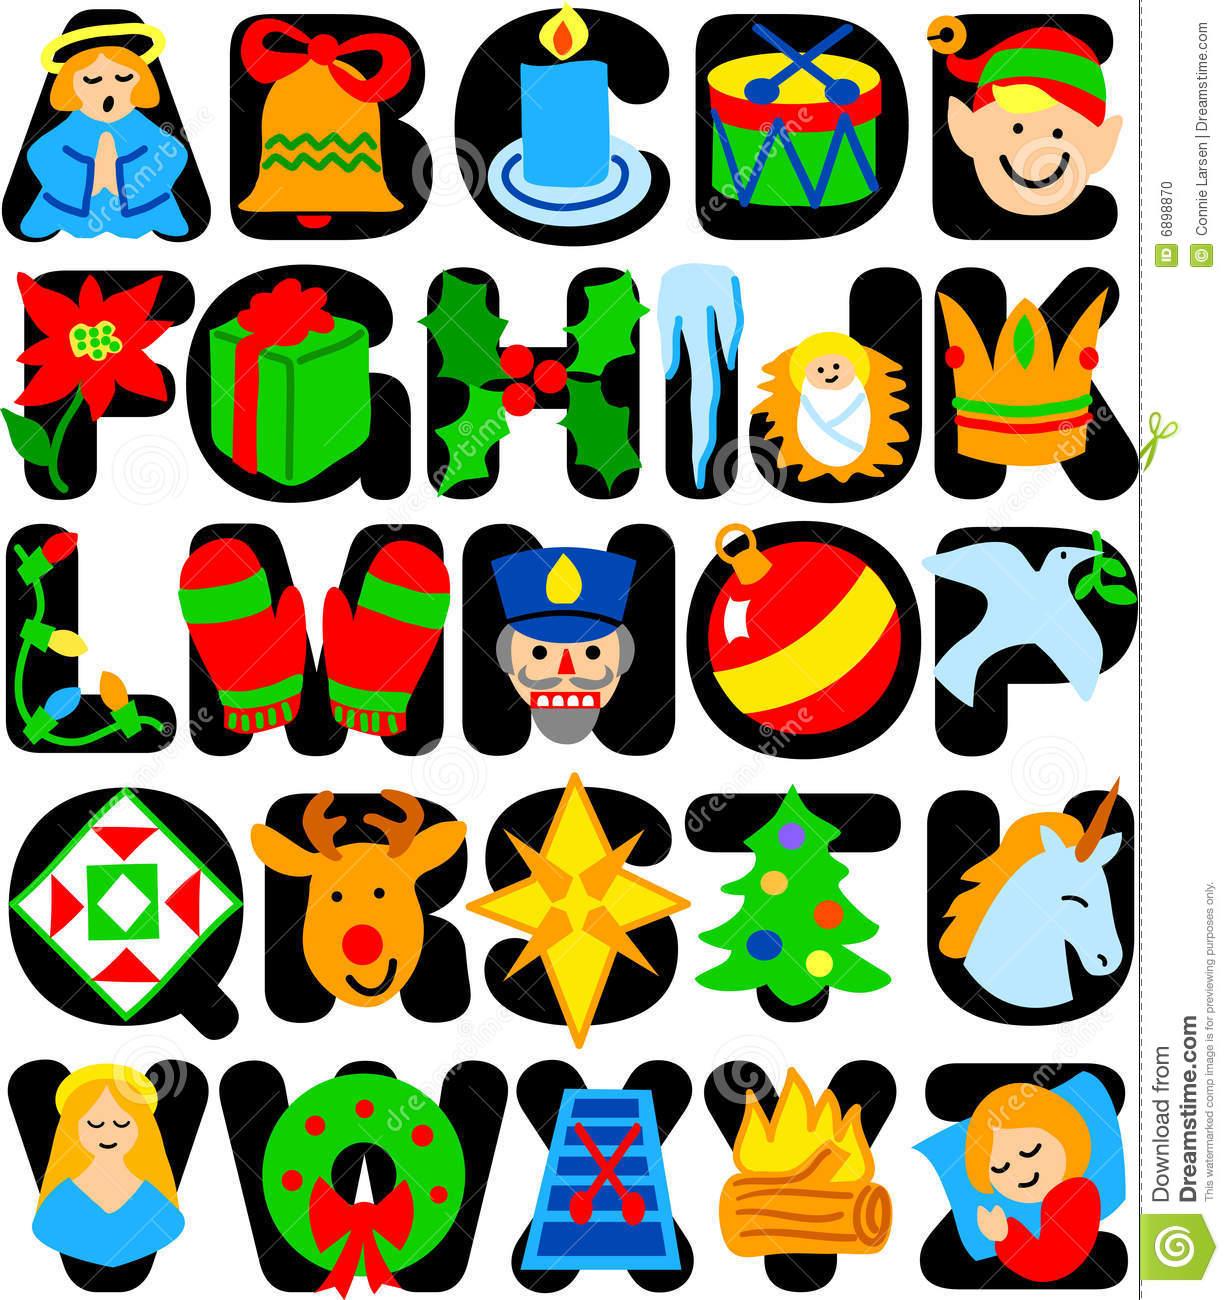 Christmas alphabet clipart letters clipart royalty free stock Christmas Alphabet/eps Stock Photo - Image: 6898870 clipart royalty free stock